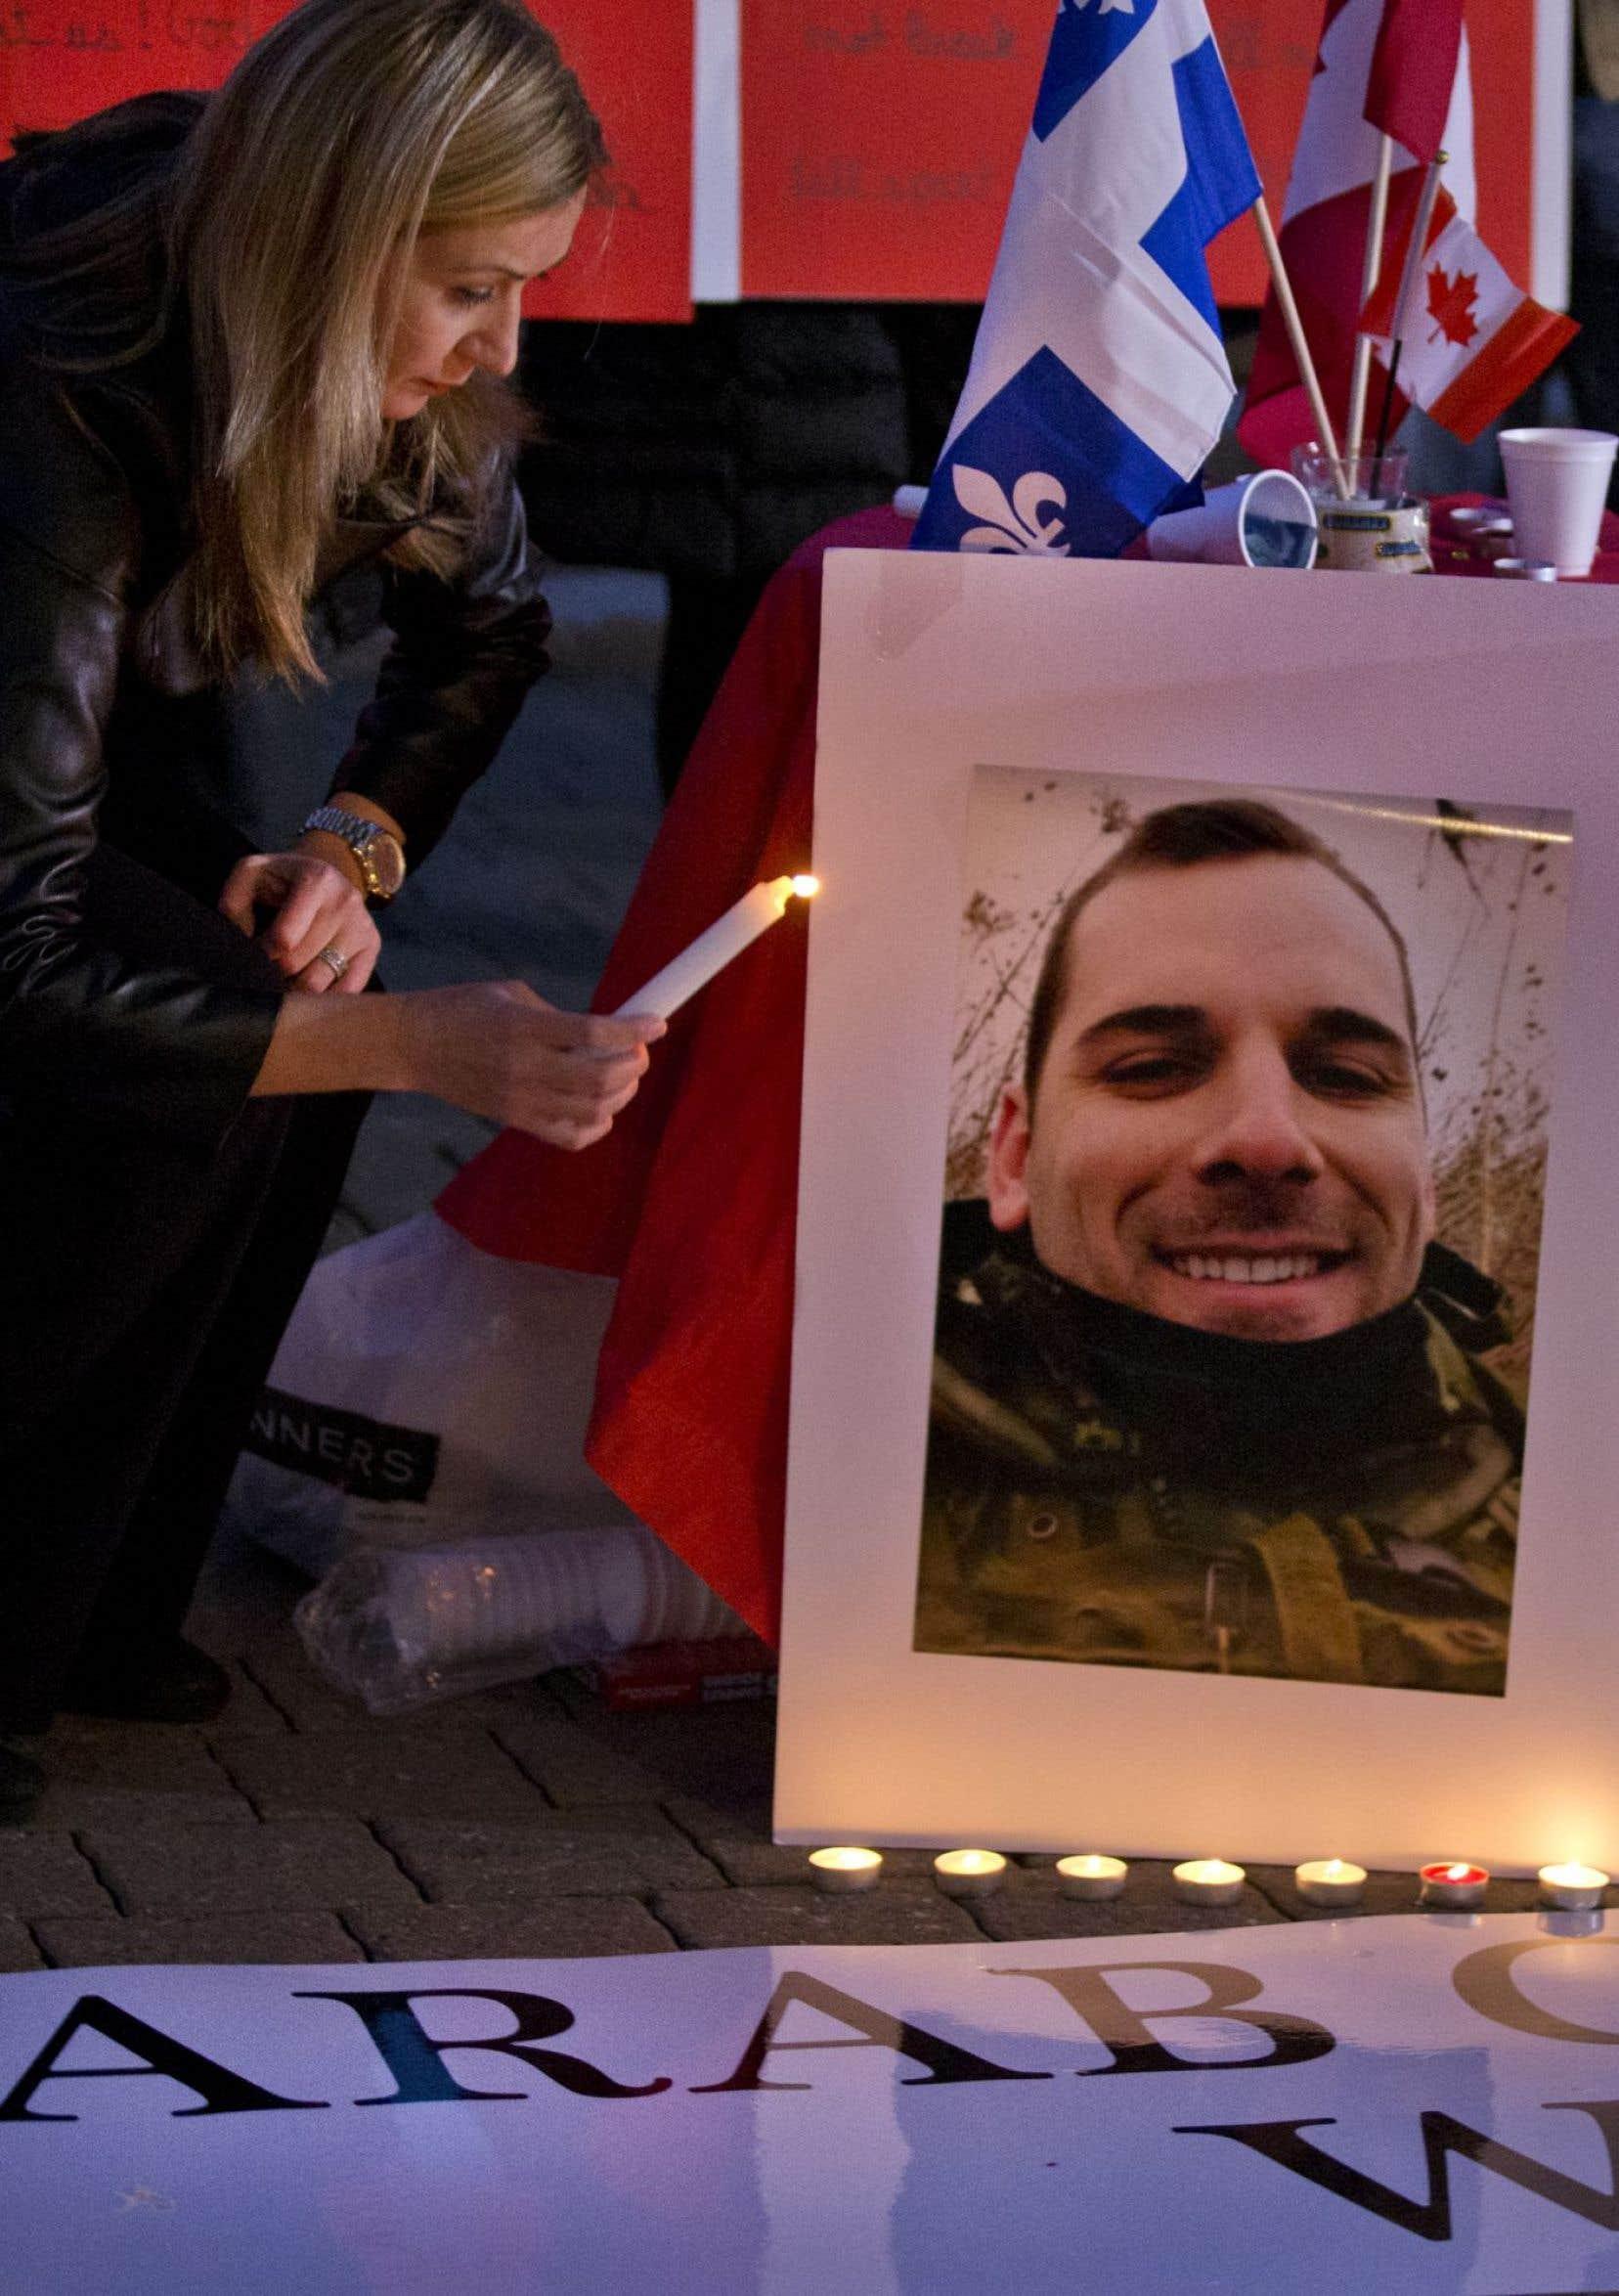 Avec des bougies en main, une vingtaine de Québécoises d'origine syrienne, jordanienne, libanaise et maghrébine ont voulu transmettre un message, disent-elles, d'amour et de paix